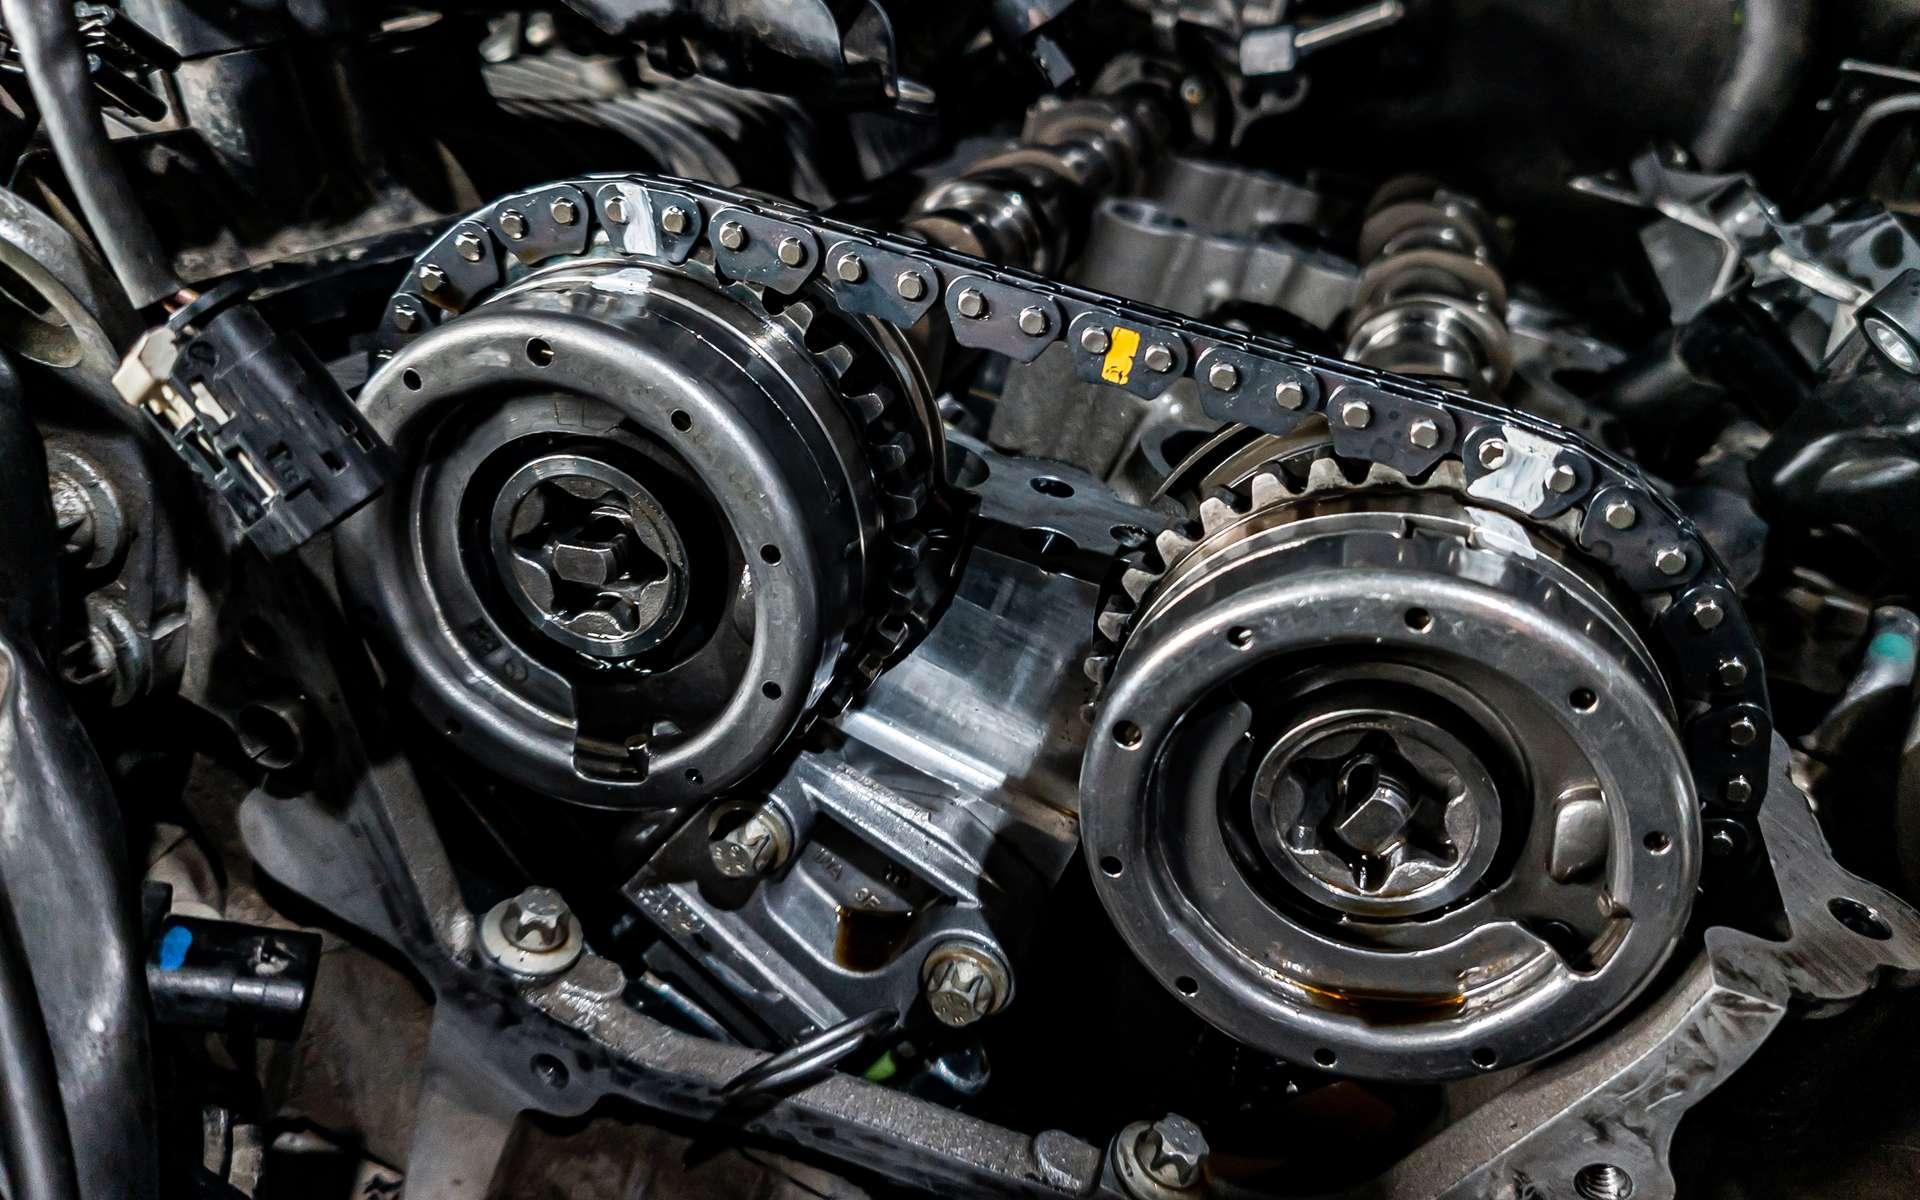 Composée de maillons métalliques, la chaîne de distribution ne nécessite ni entretien ni remplacement. © Aleksandr Kondratov, Adobe Stock